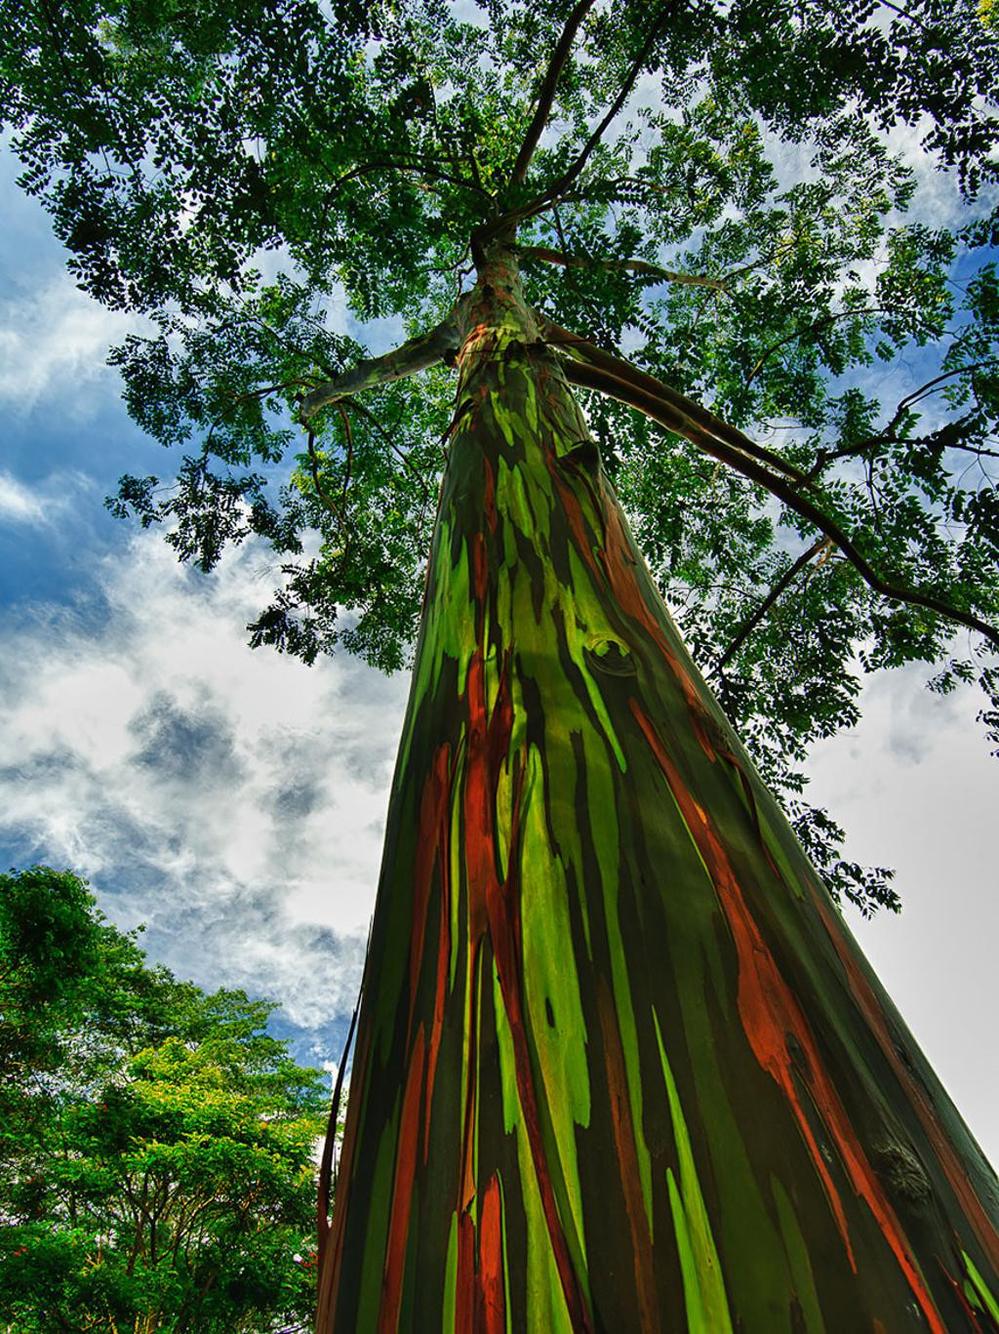 16 gốc cây cổ thụ tuyệt đẹp của thế giới: Số 15 cứ ngỡ chỉ có trong hoạt hình